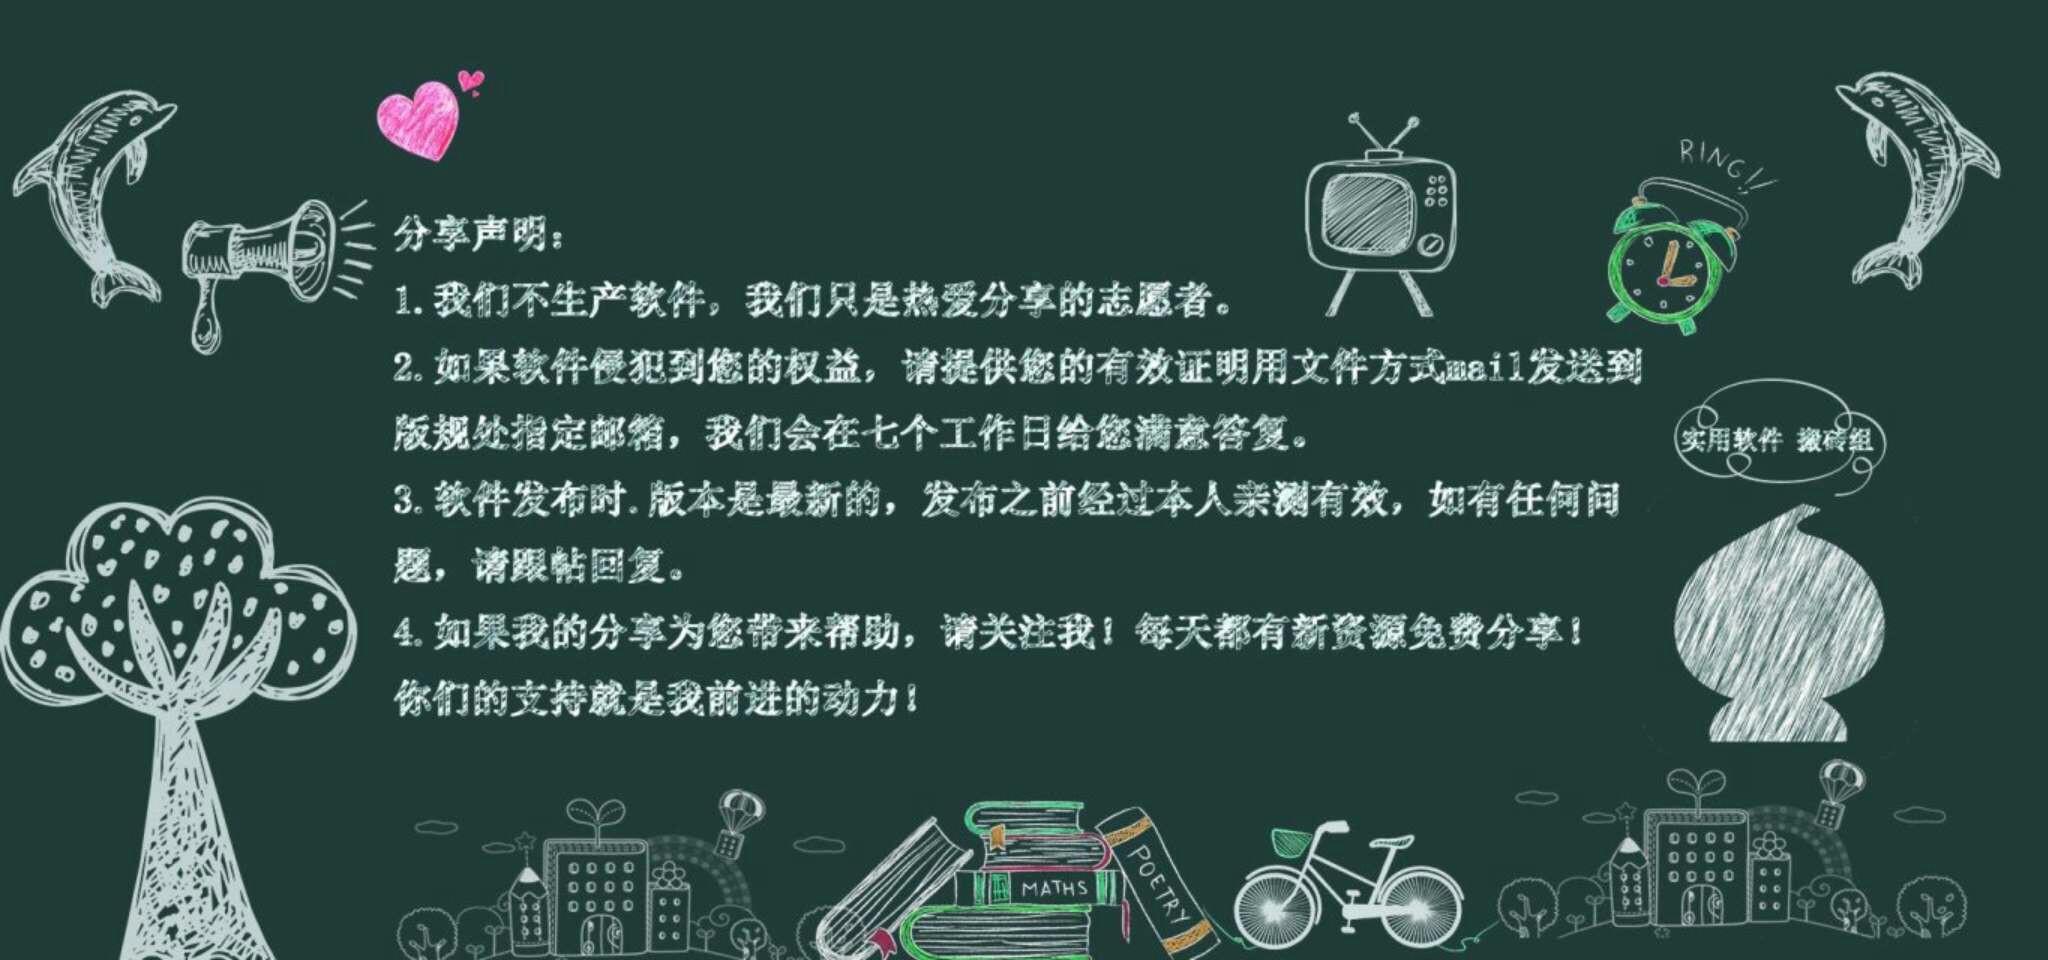 【资源分享】里路轨迹-爱小助